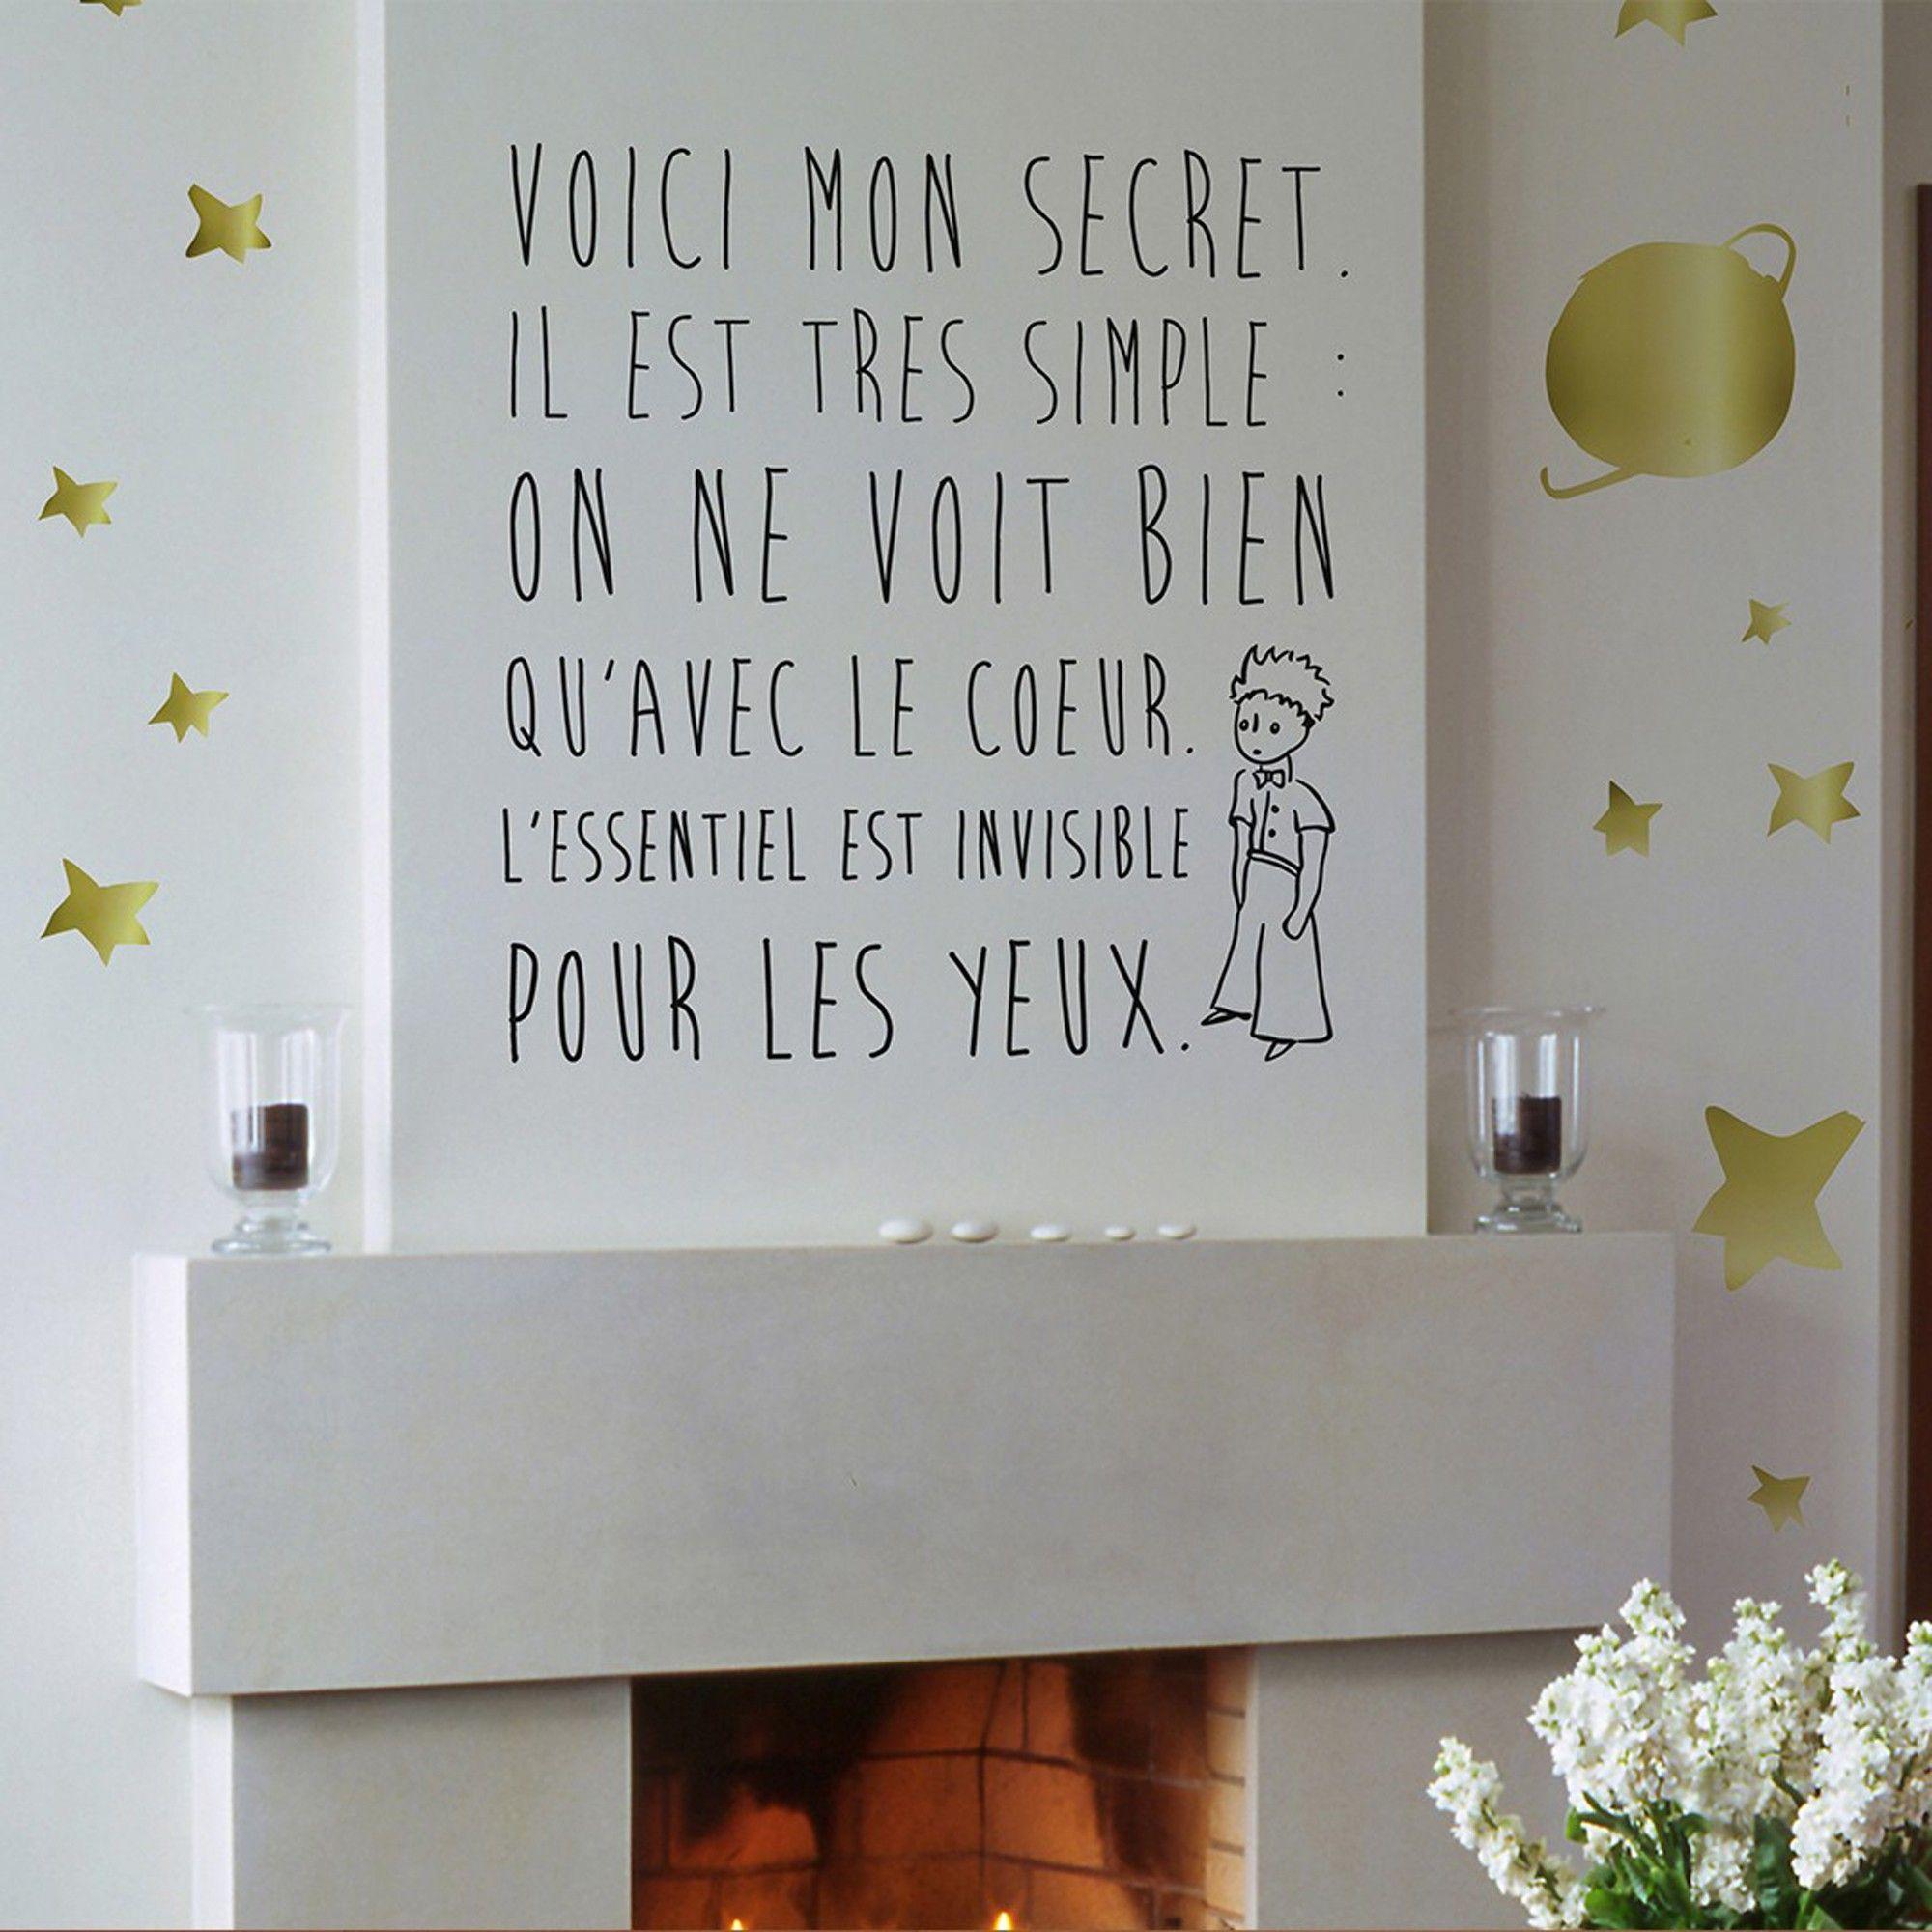 Le Secret Stickers Le Petit Prince Chambre Enfant Jpg 2000 2000